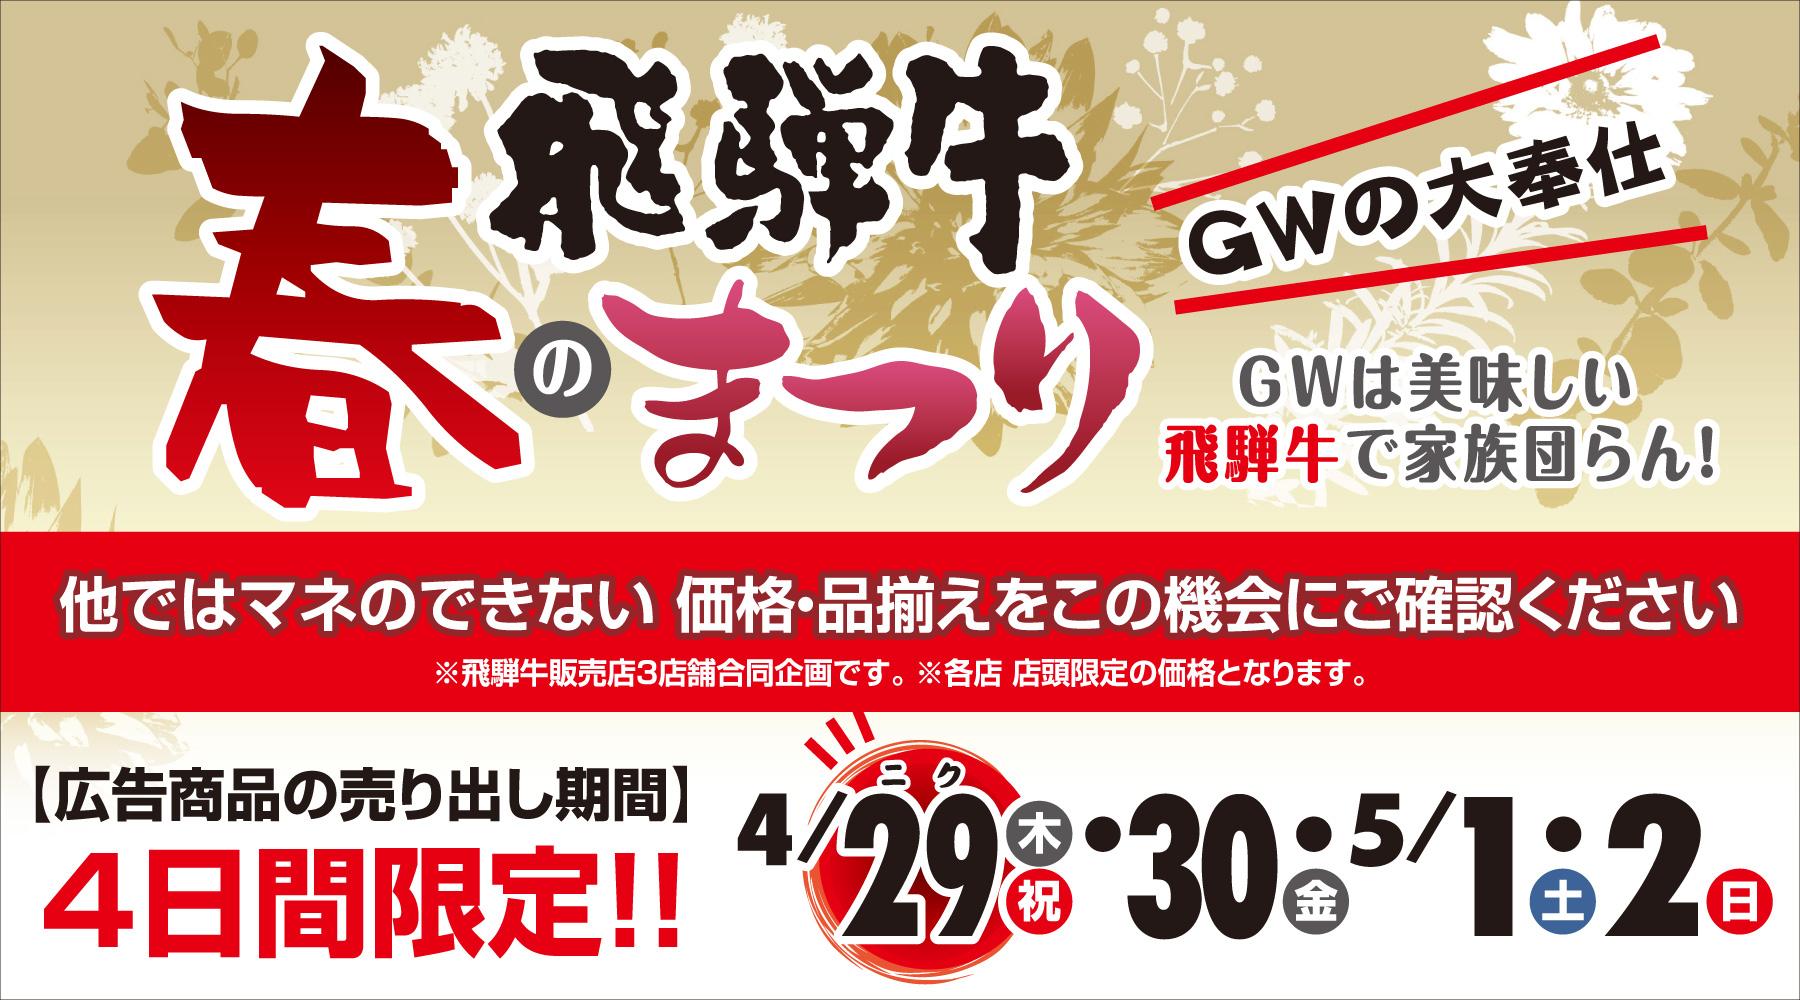 飛騨牛の丸明 春の飛騨牛まつり(第2弾GW企画)のお知らせ